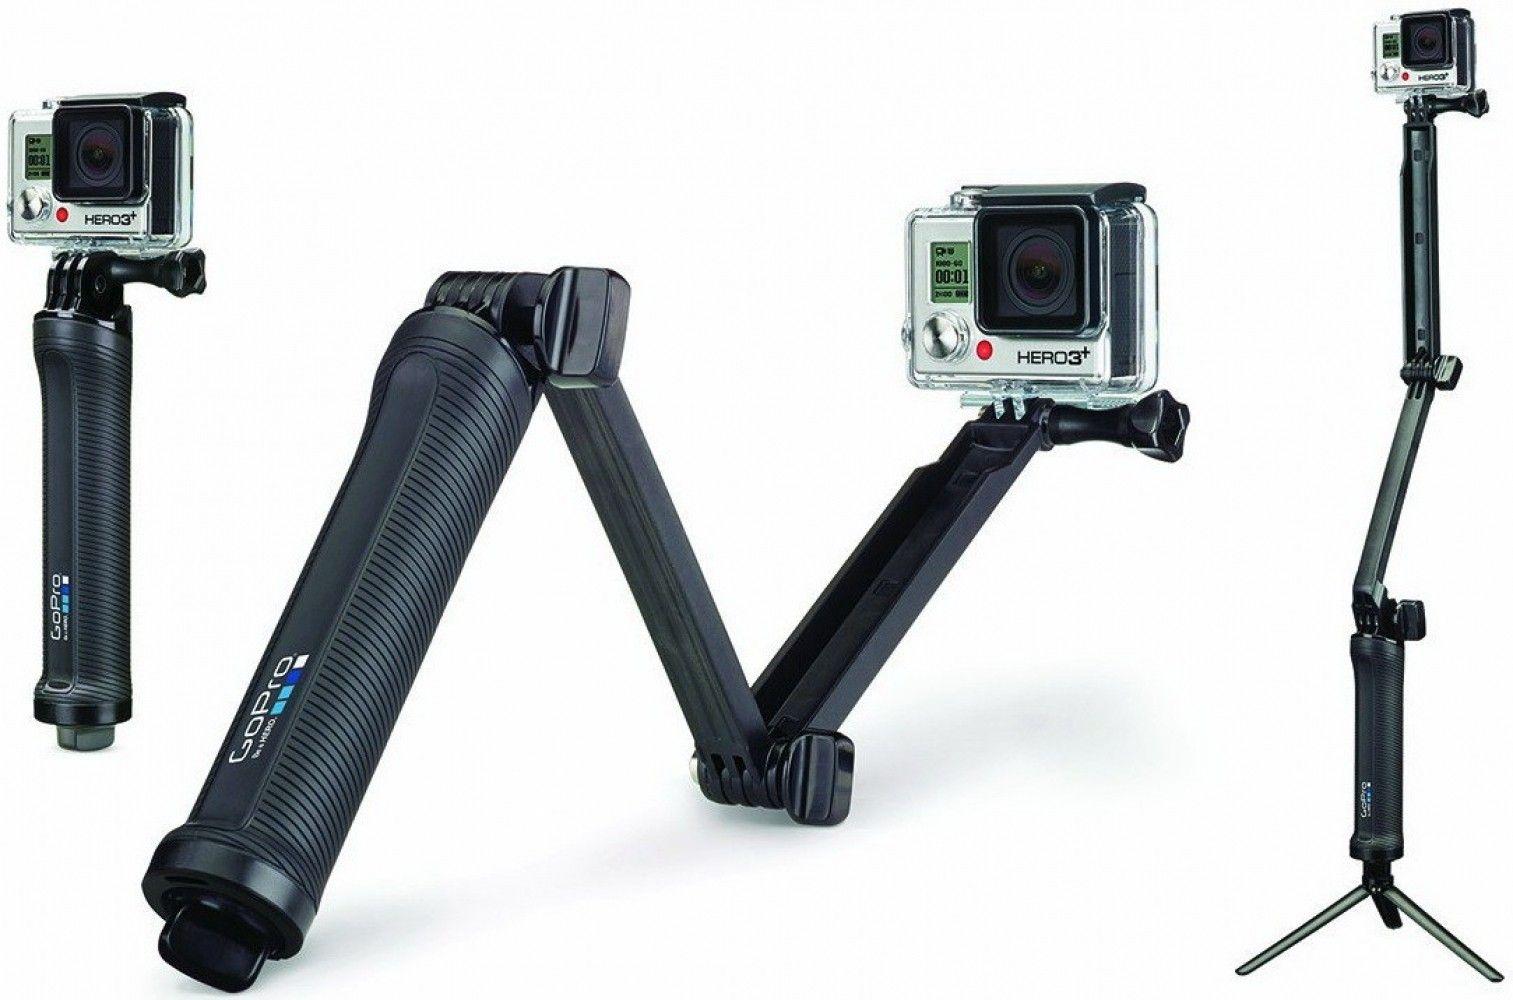 Купить Аксессуары для экшн-камер, Монопод-штатив GoPro 3-Way Mount - Grip/Arm/Tripod (AFAEM-001)